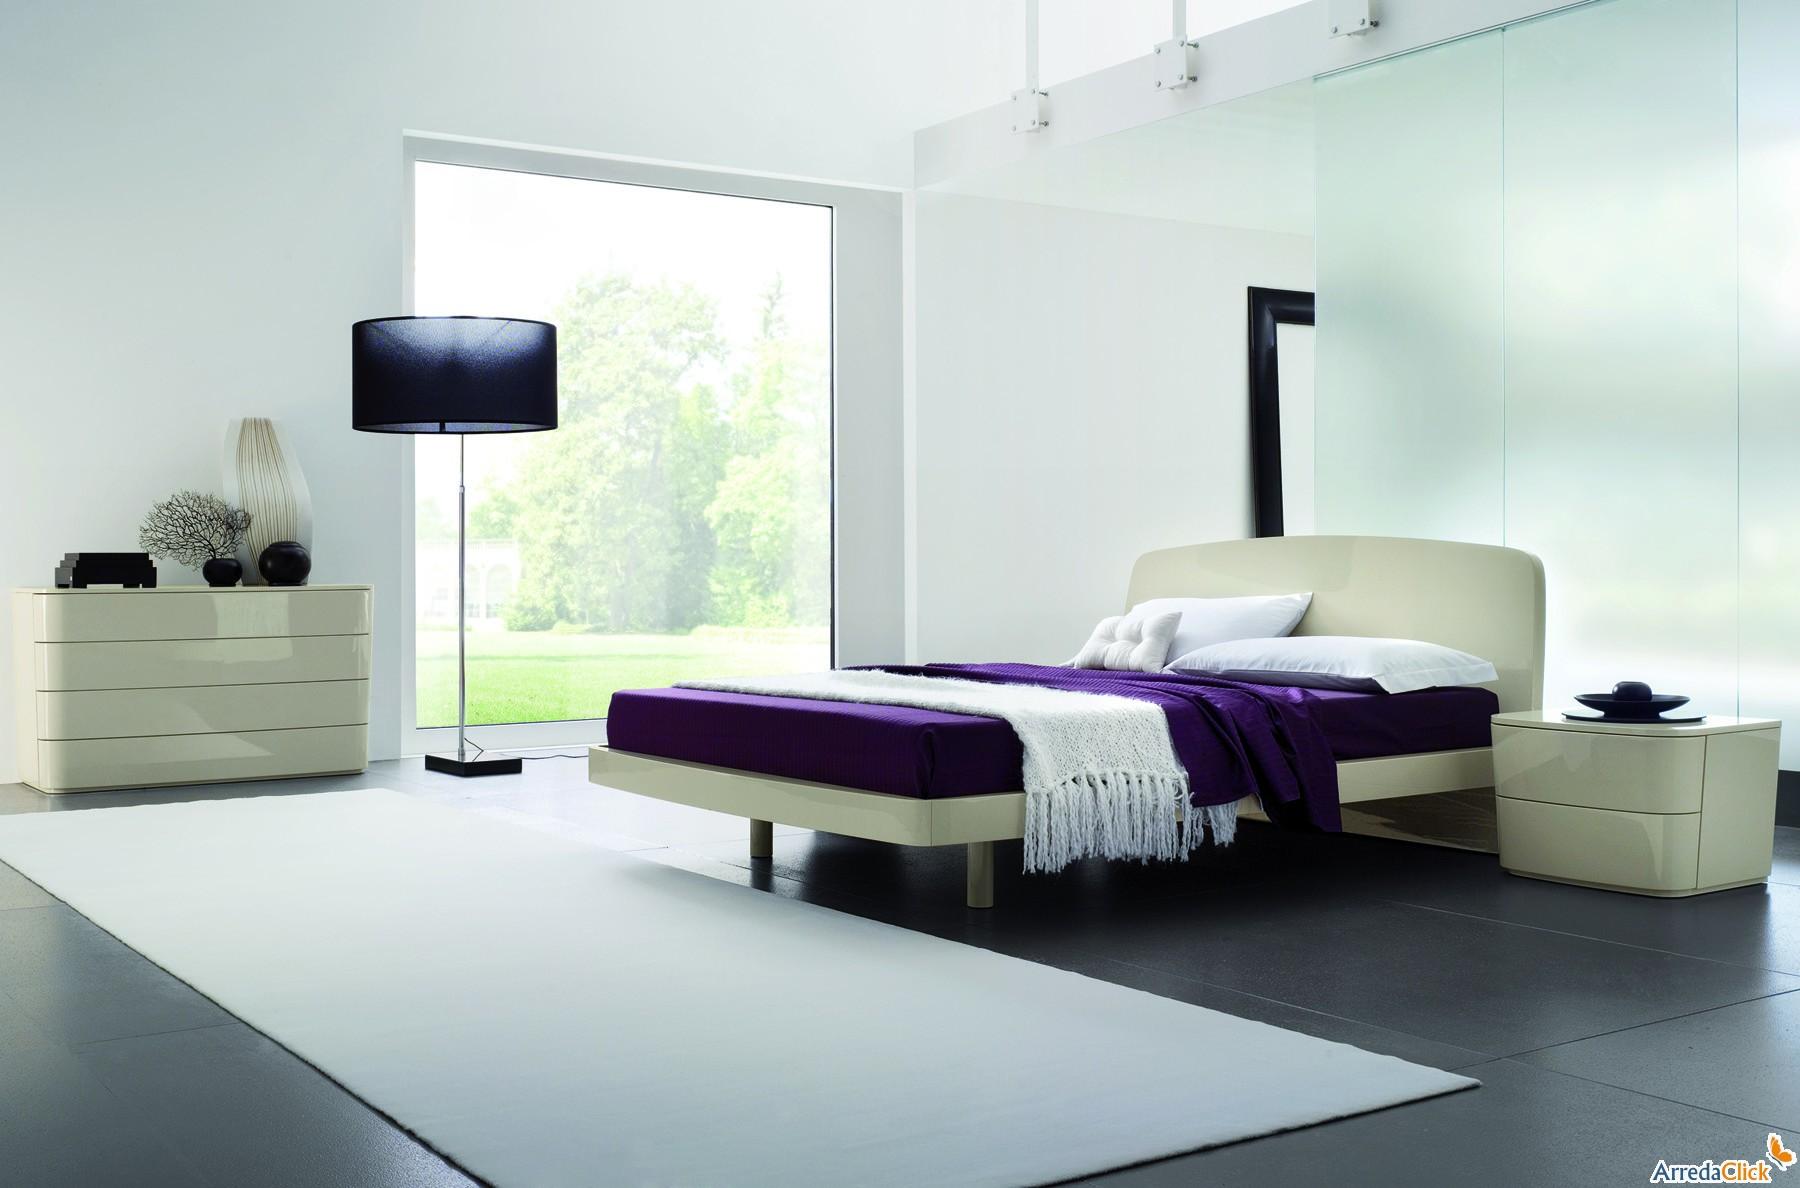 Arredamento Minimalista Camera Da Letto : Come arredare una camera da letto al meglio arredamente